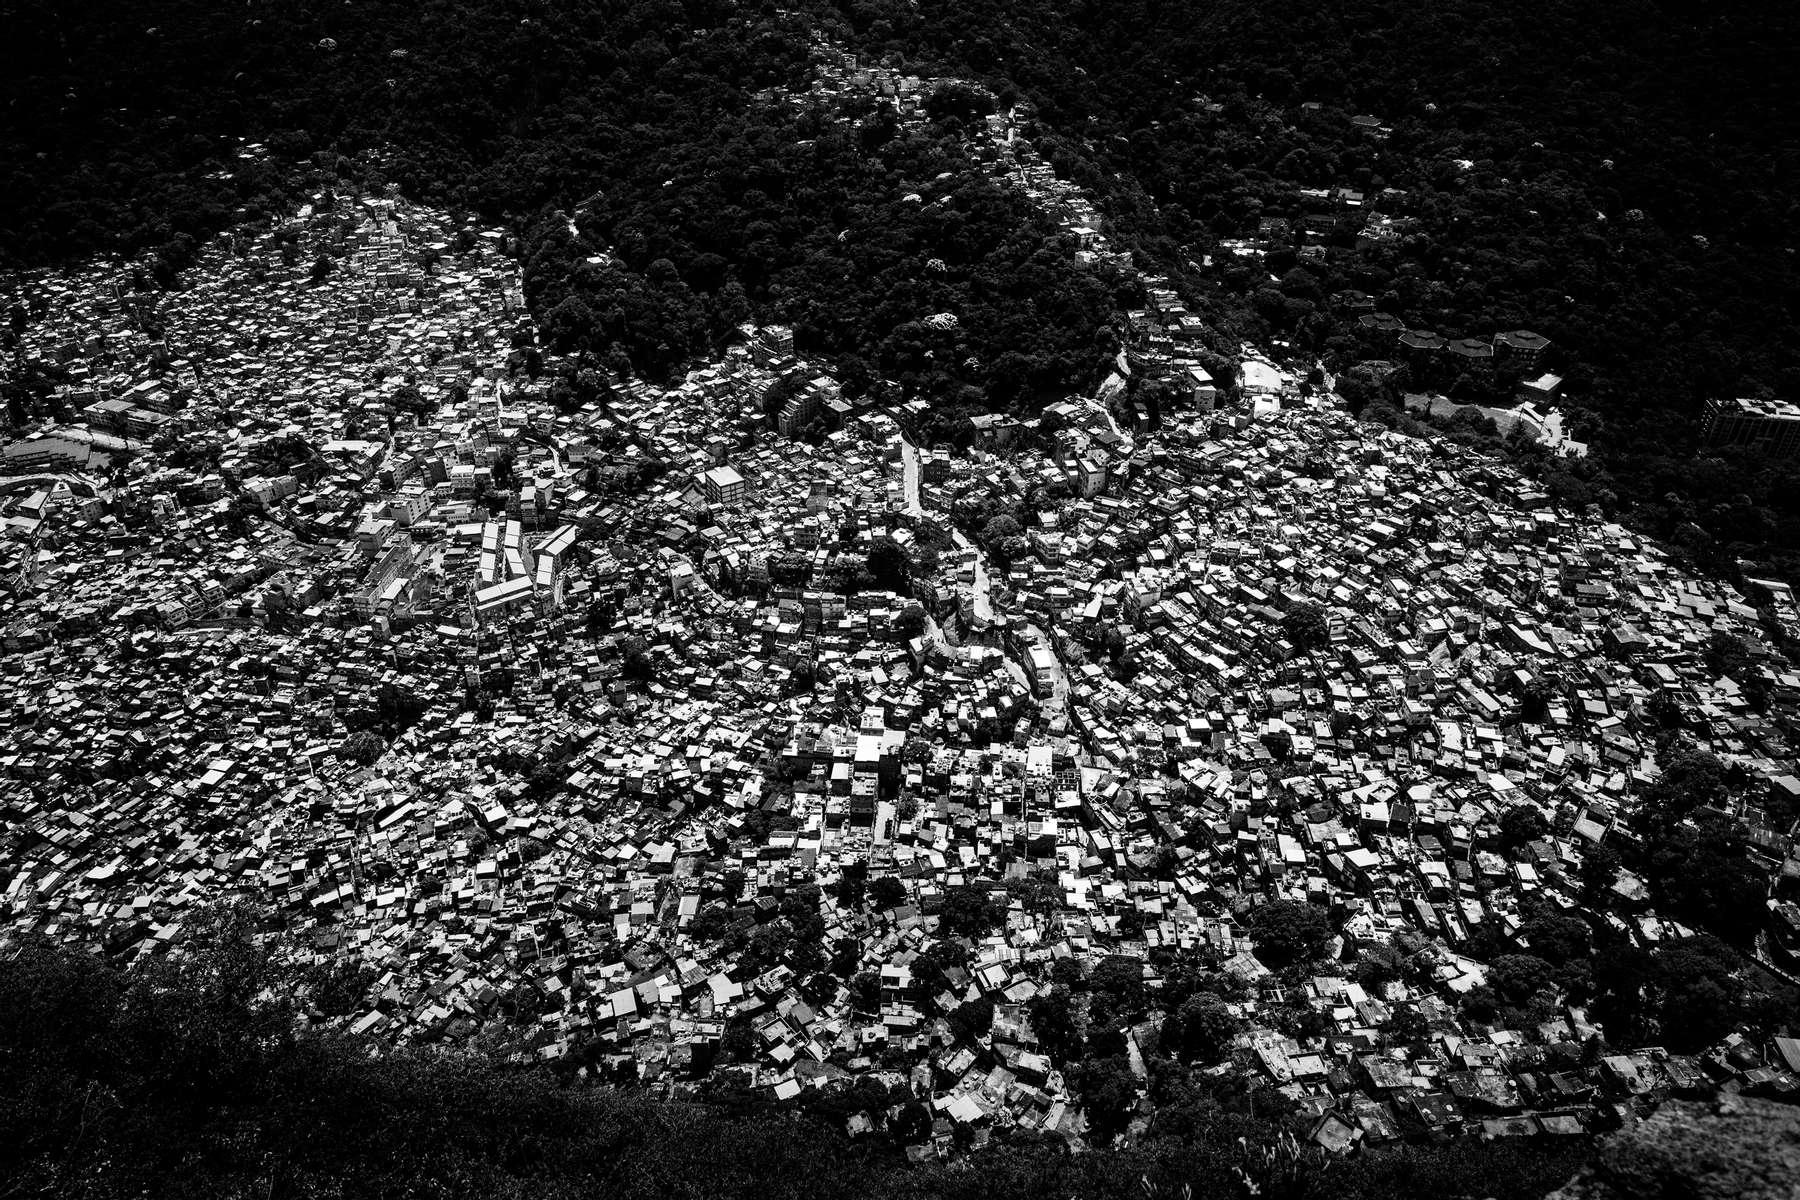 Vista aerea de la favela de Rocinha, en Río de Janeiro, Brasil, 10 de marzo de 2012.Con una población de entre 120 y 150,000 personas, Rocinha es la favela más grande de Río de Janeiro.Después de ser pacificada en noviembre de 2011, Rocinha sigue siendo una de las comunidades que genera más controversia debido a su tamaño y sus antiguas conexiones con el narcotráfico.